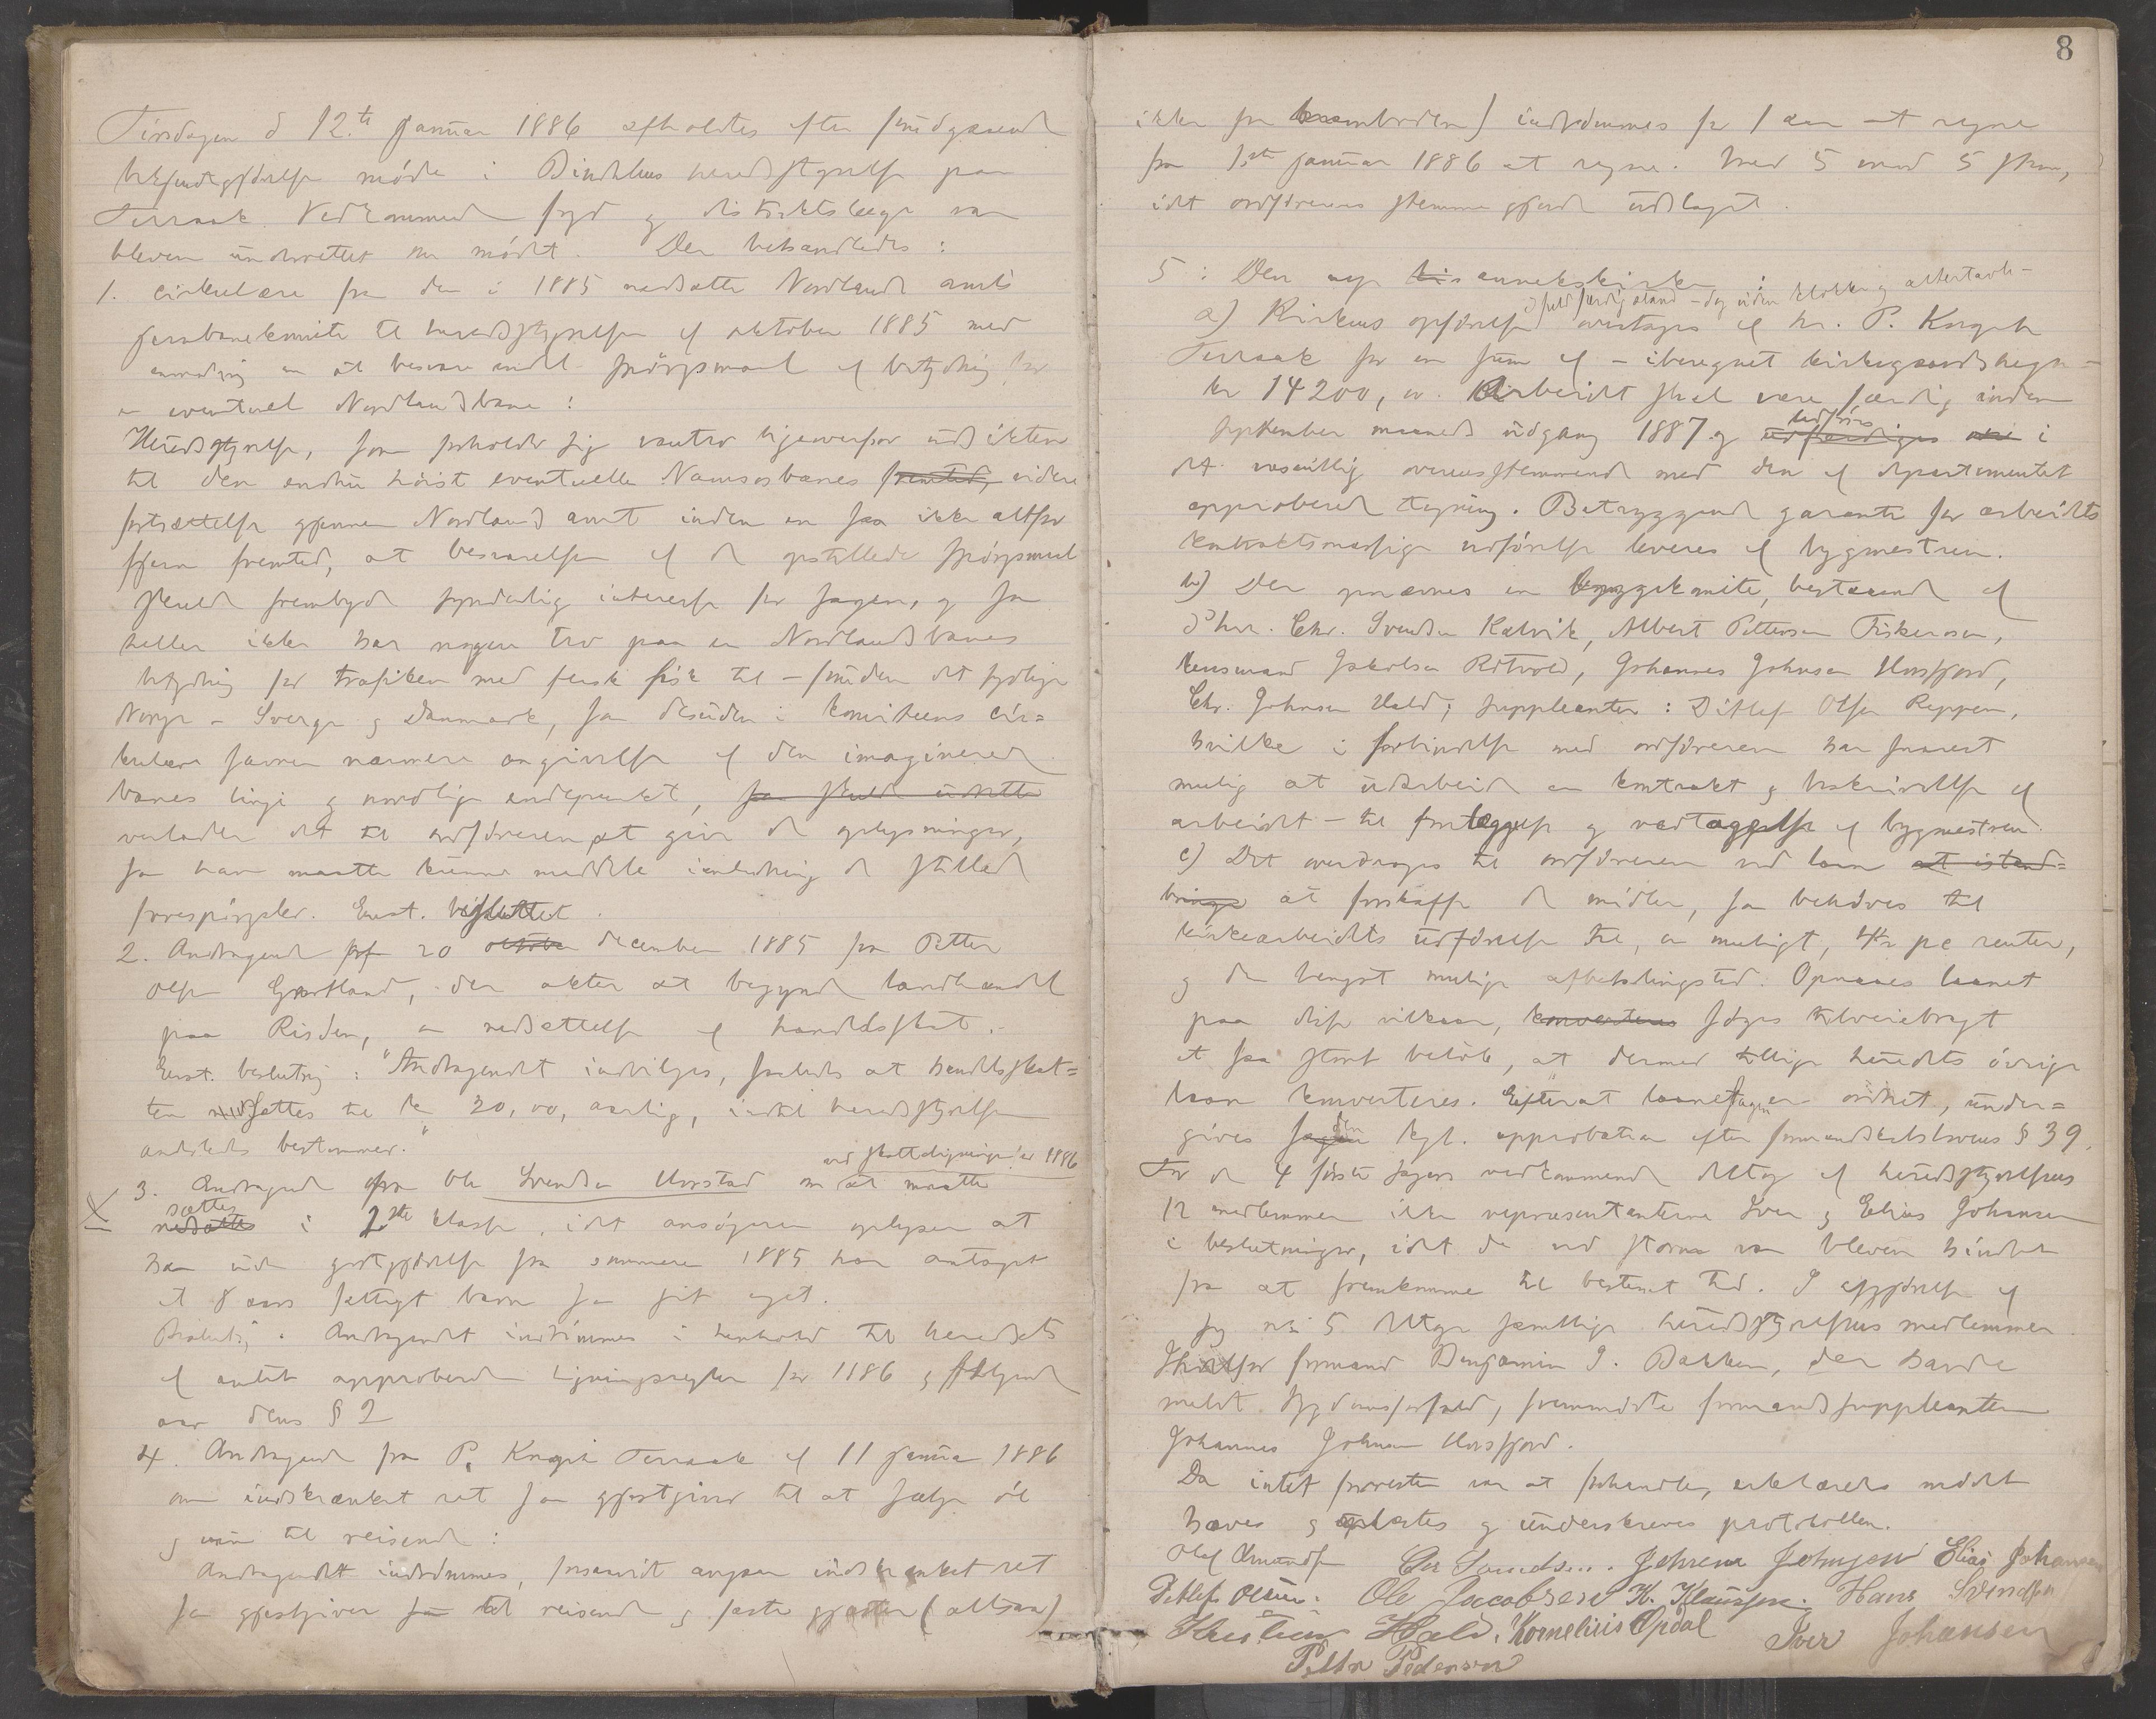 AIN, Bindal kommune. Formannskapet, A/Aa/L0000c: Møtebok, 1885-1897, s. 8